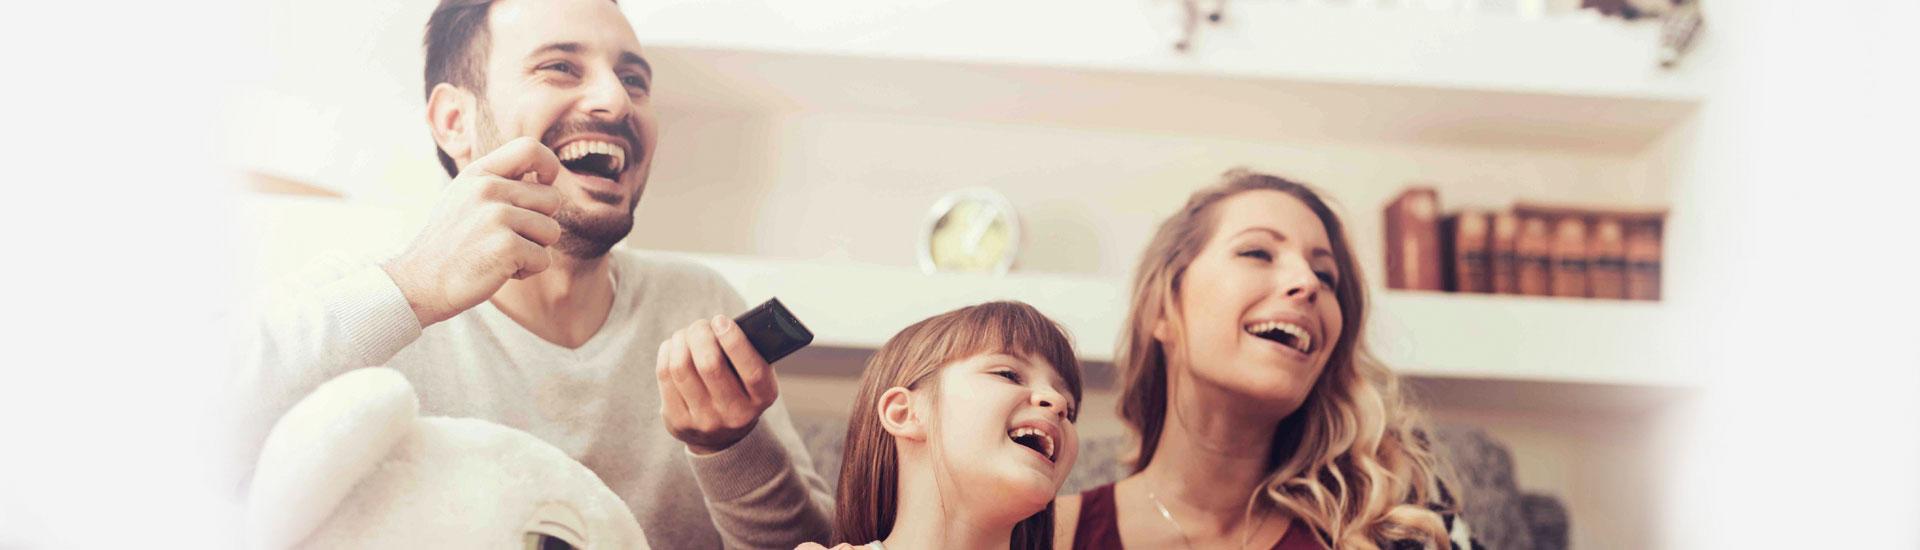 Haarscherp televisie kijken via glasvezel